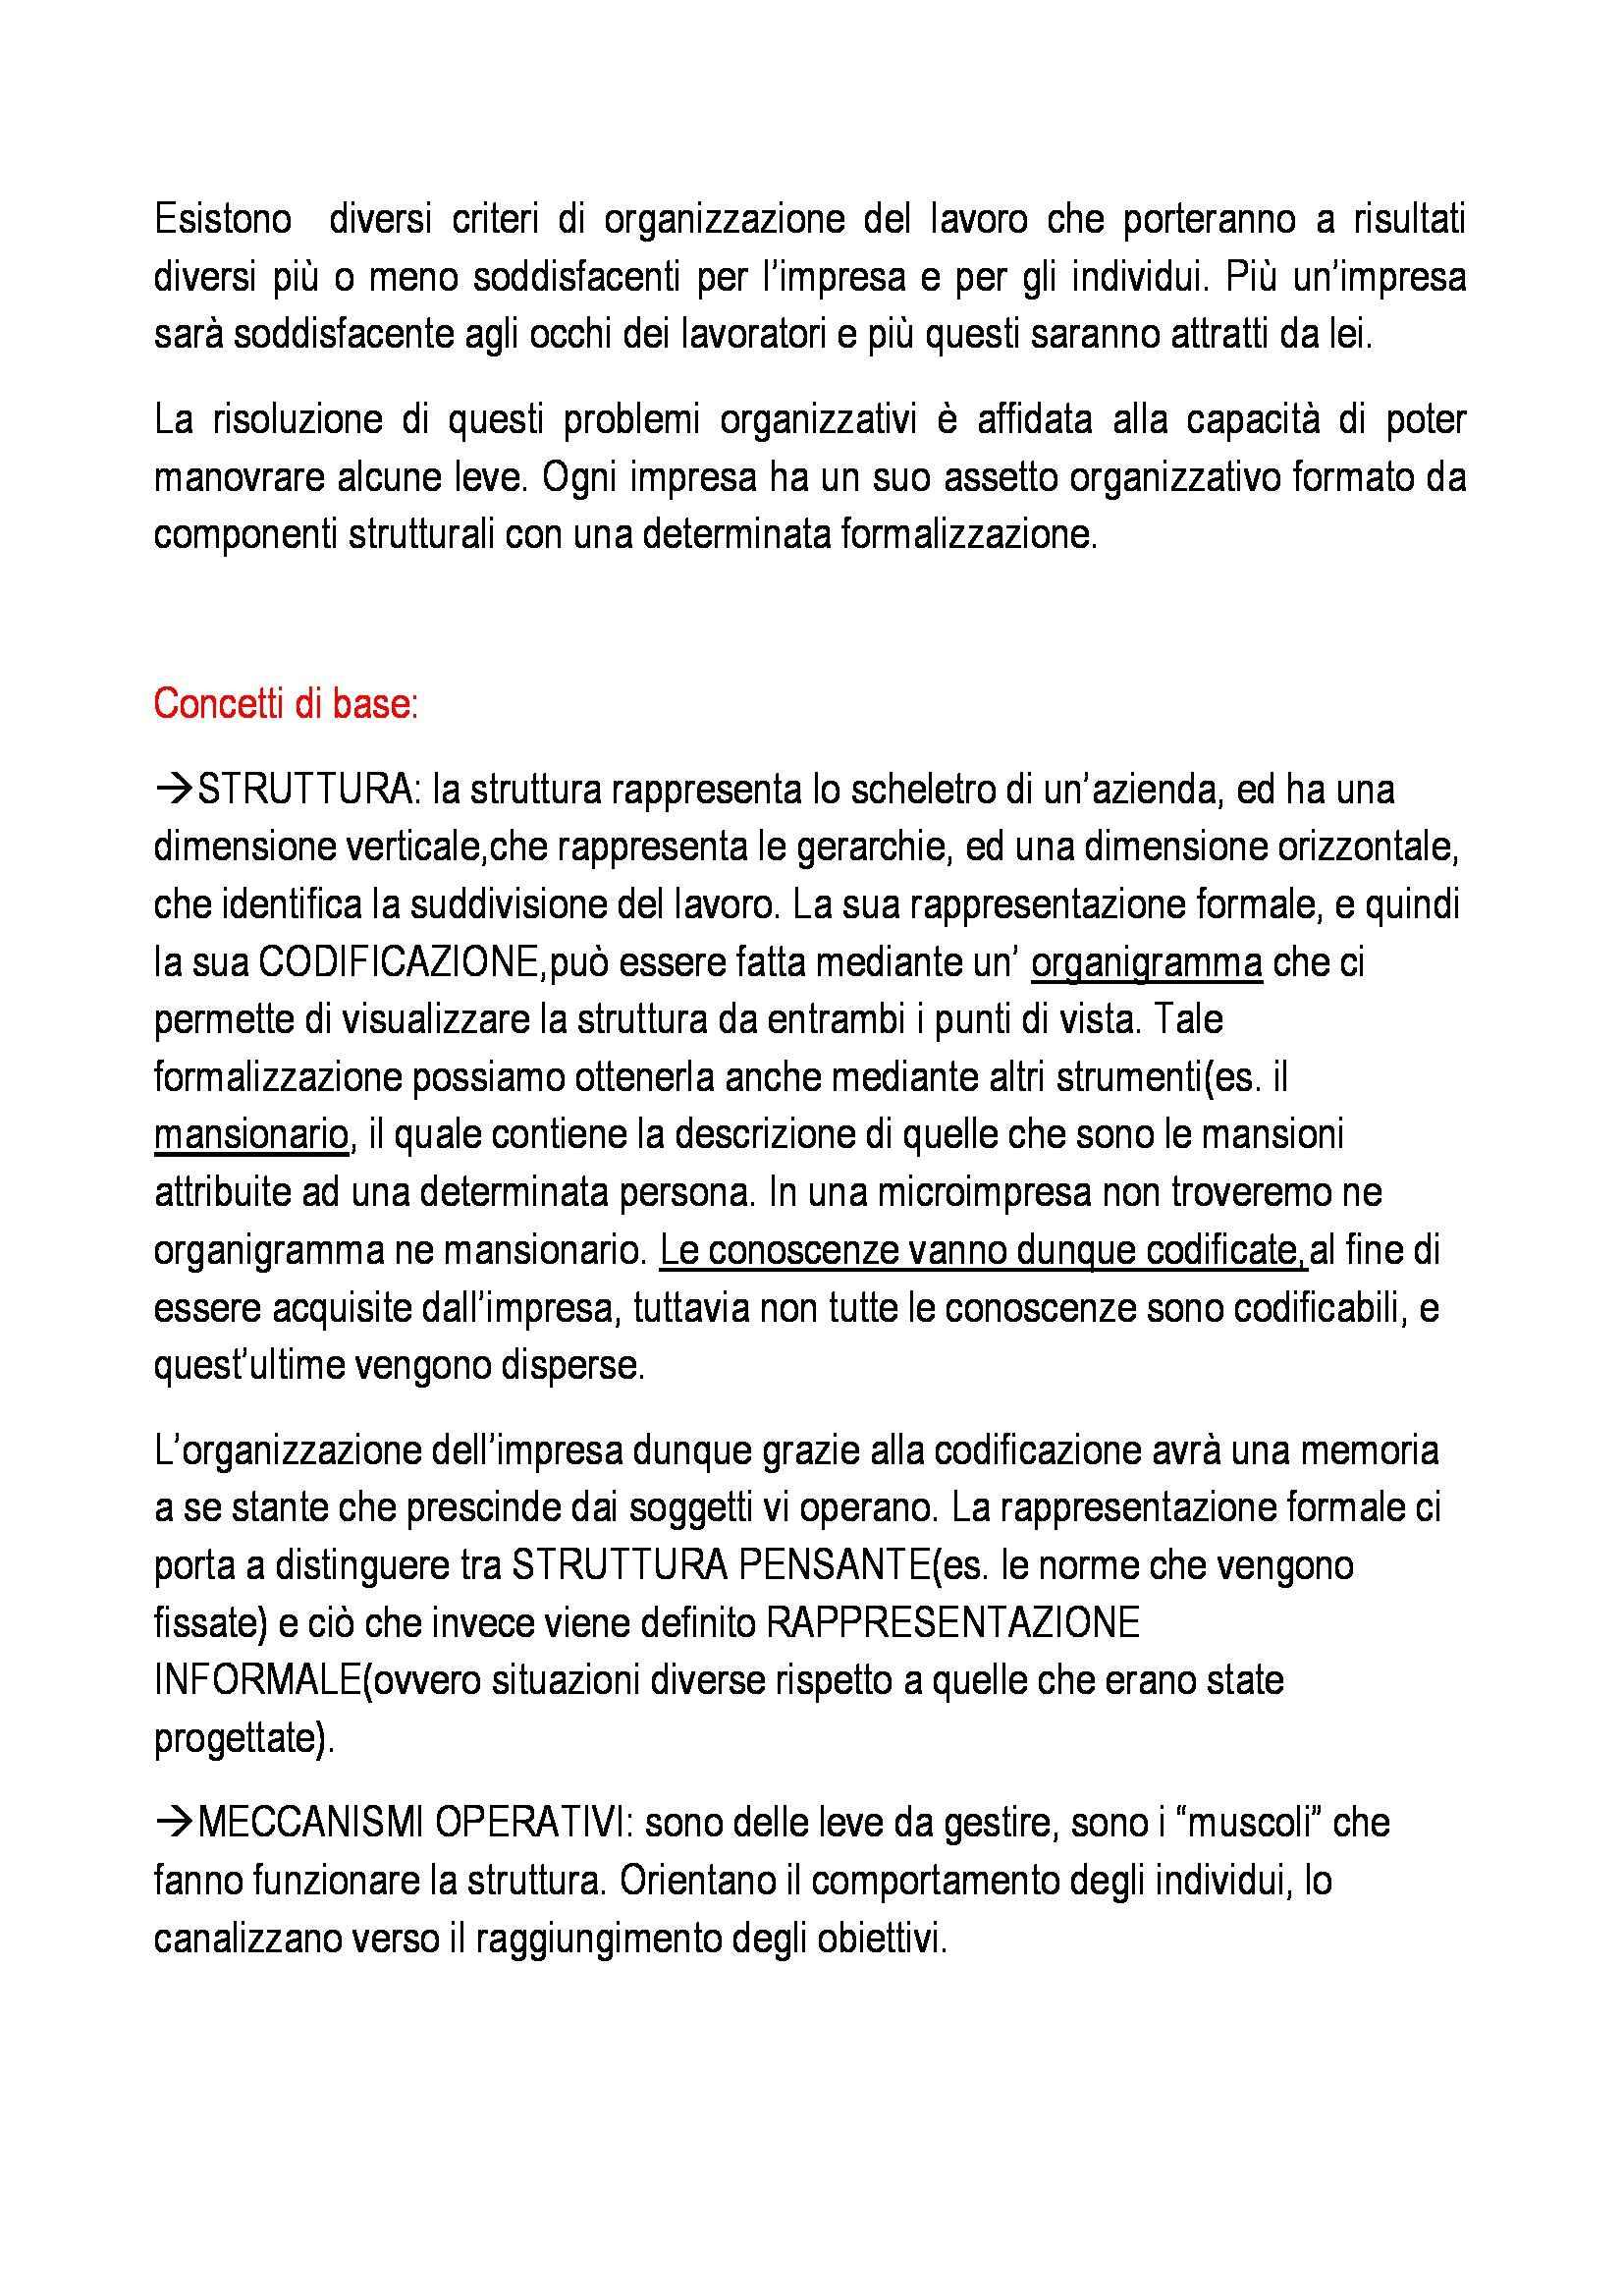 Organizzazione aziendale - Appunti Pag. 2